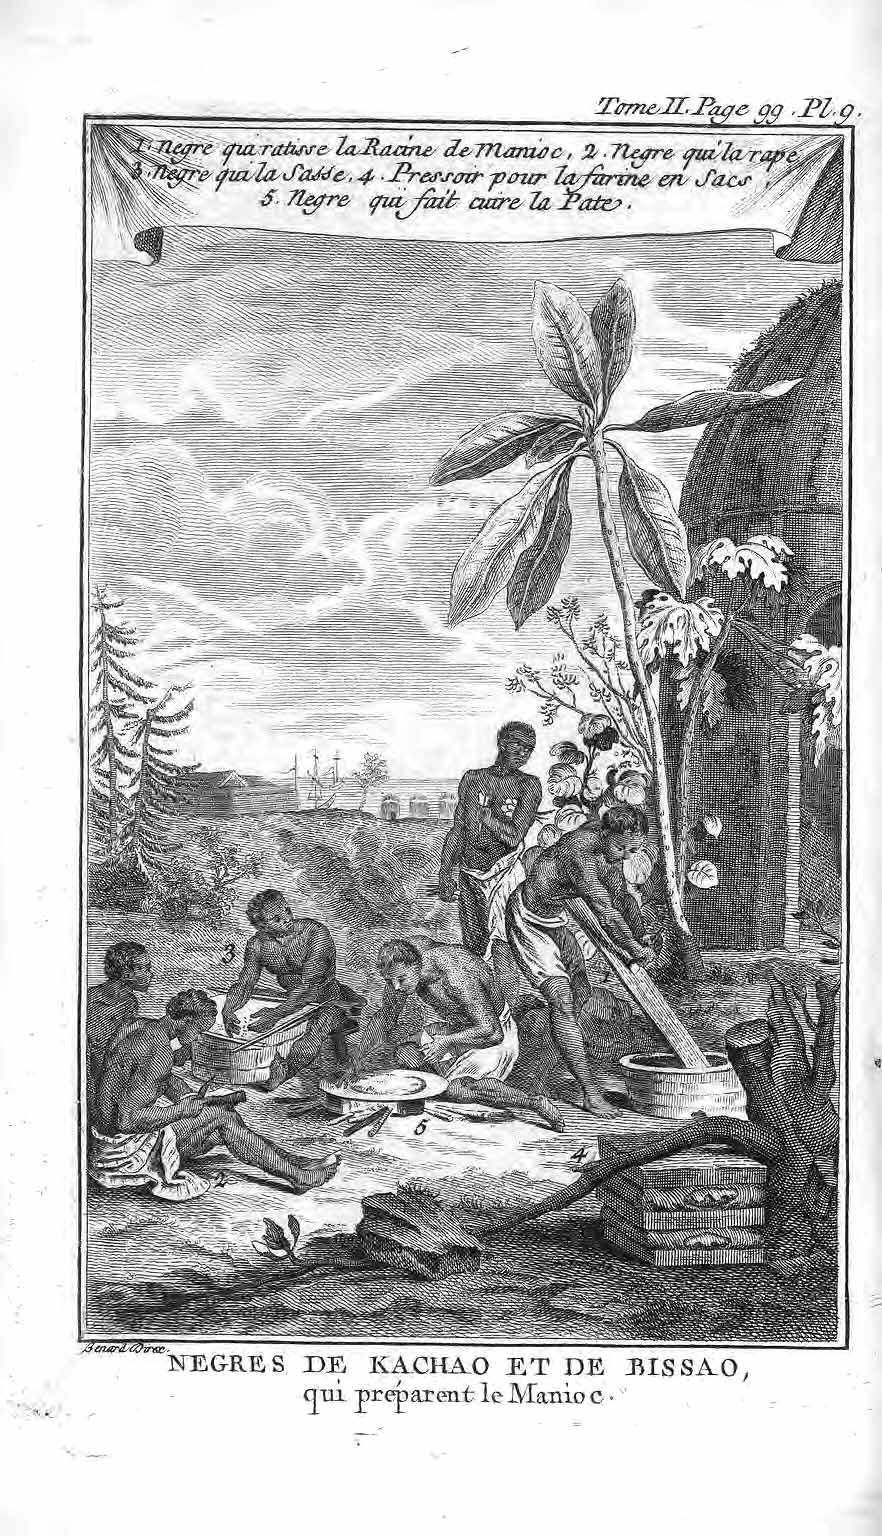 Nègres de Kachao et Bissao préparant le manioc